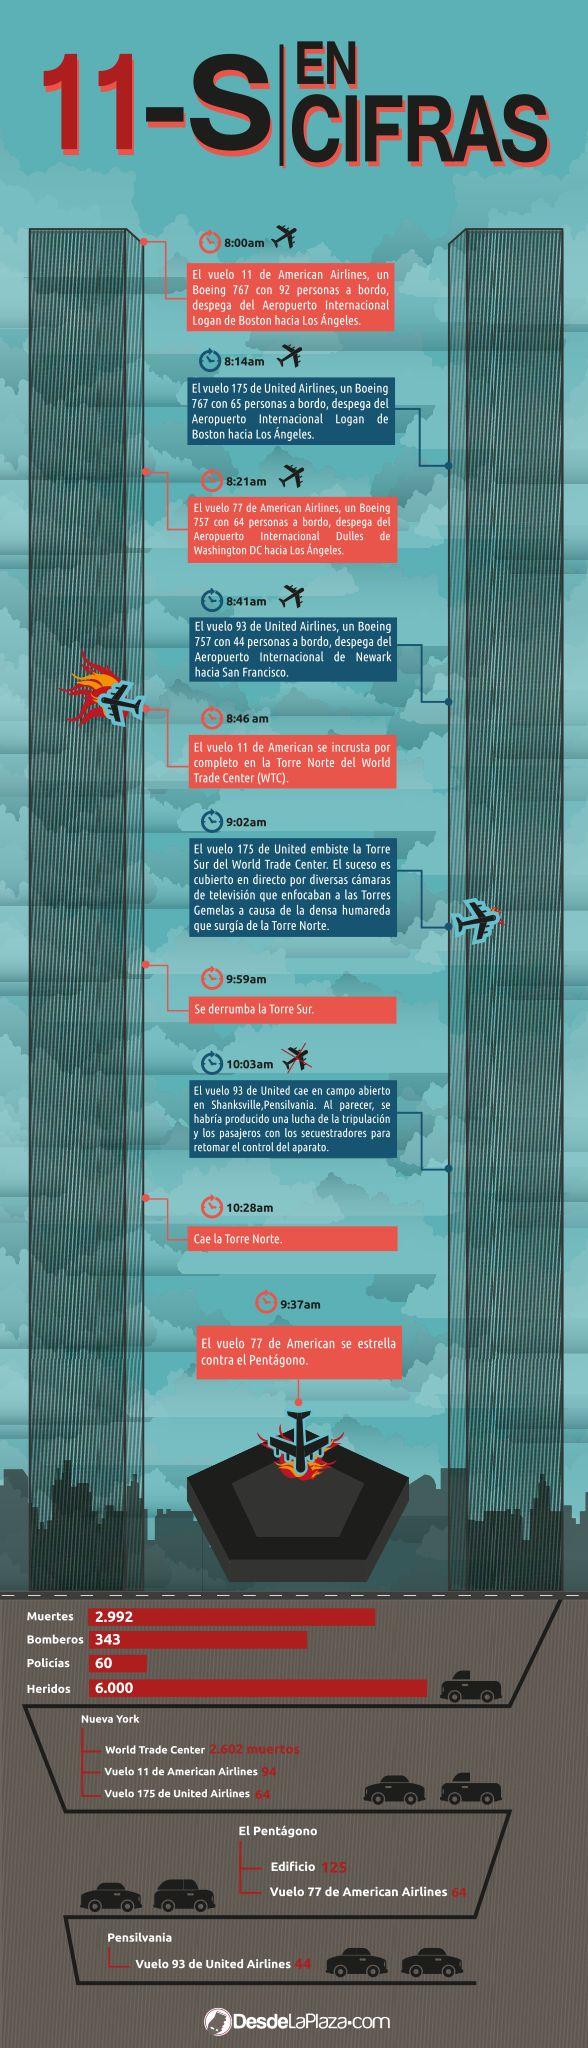 11 de septiembre: El ataque a la Torres Gemelas cambió la historia de un país y del mundo